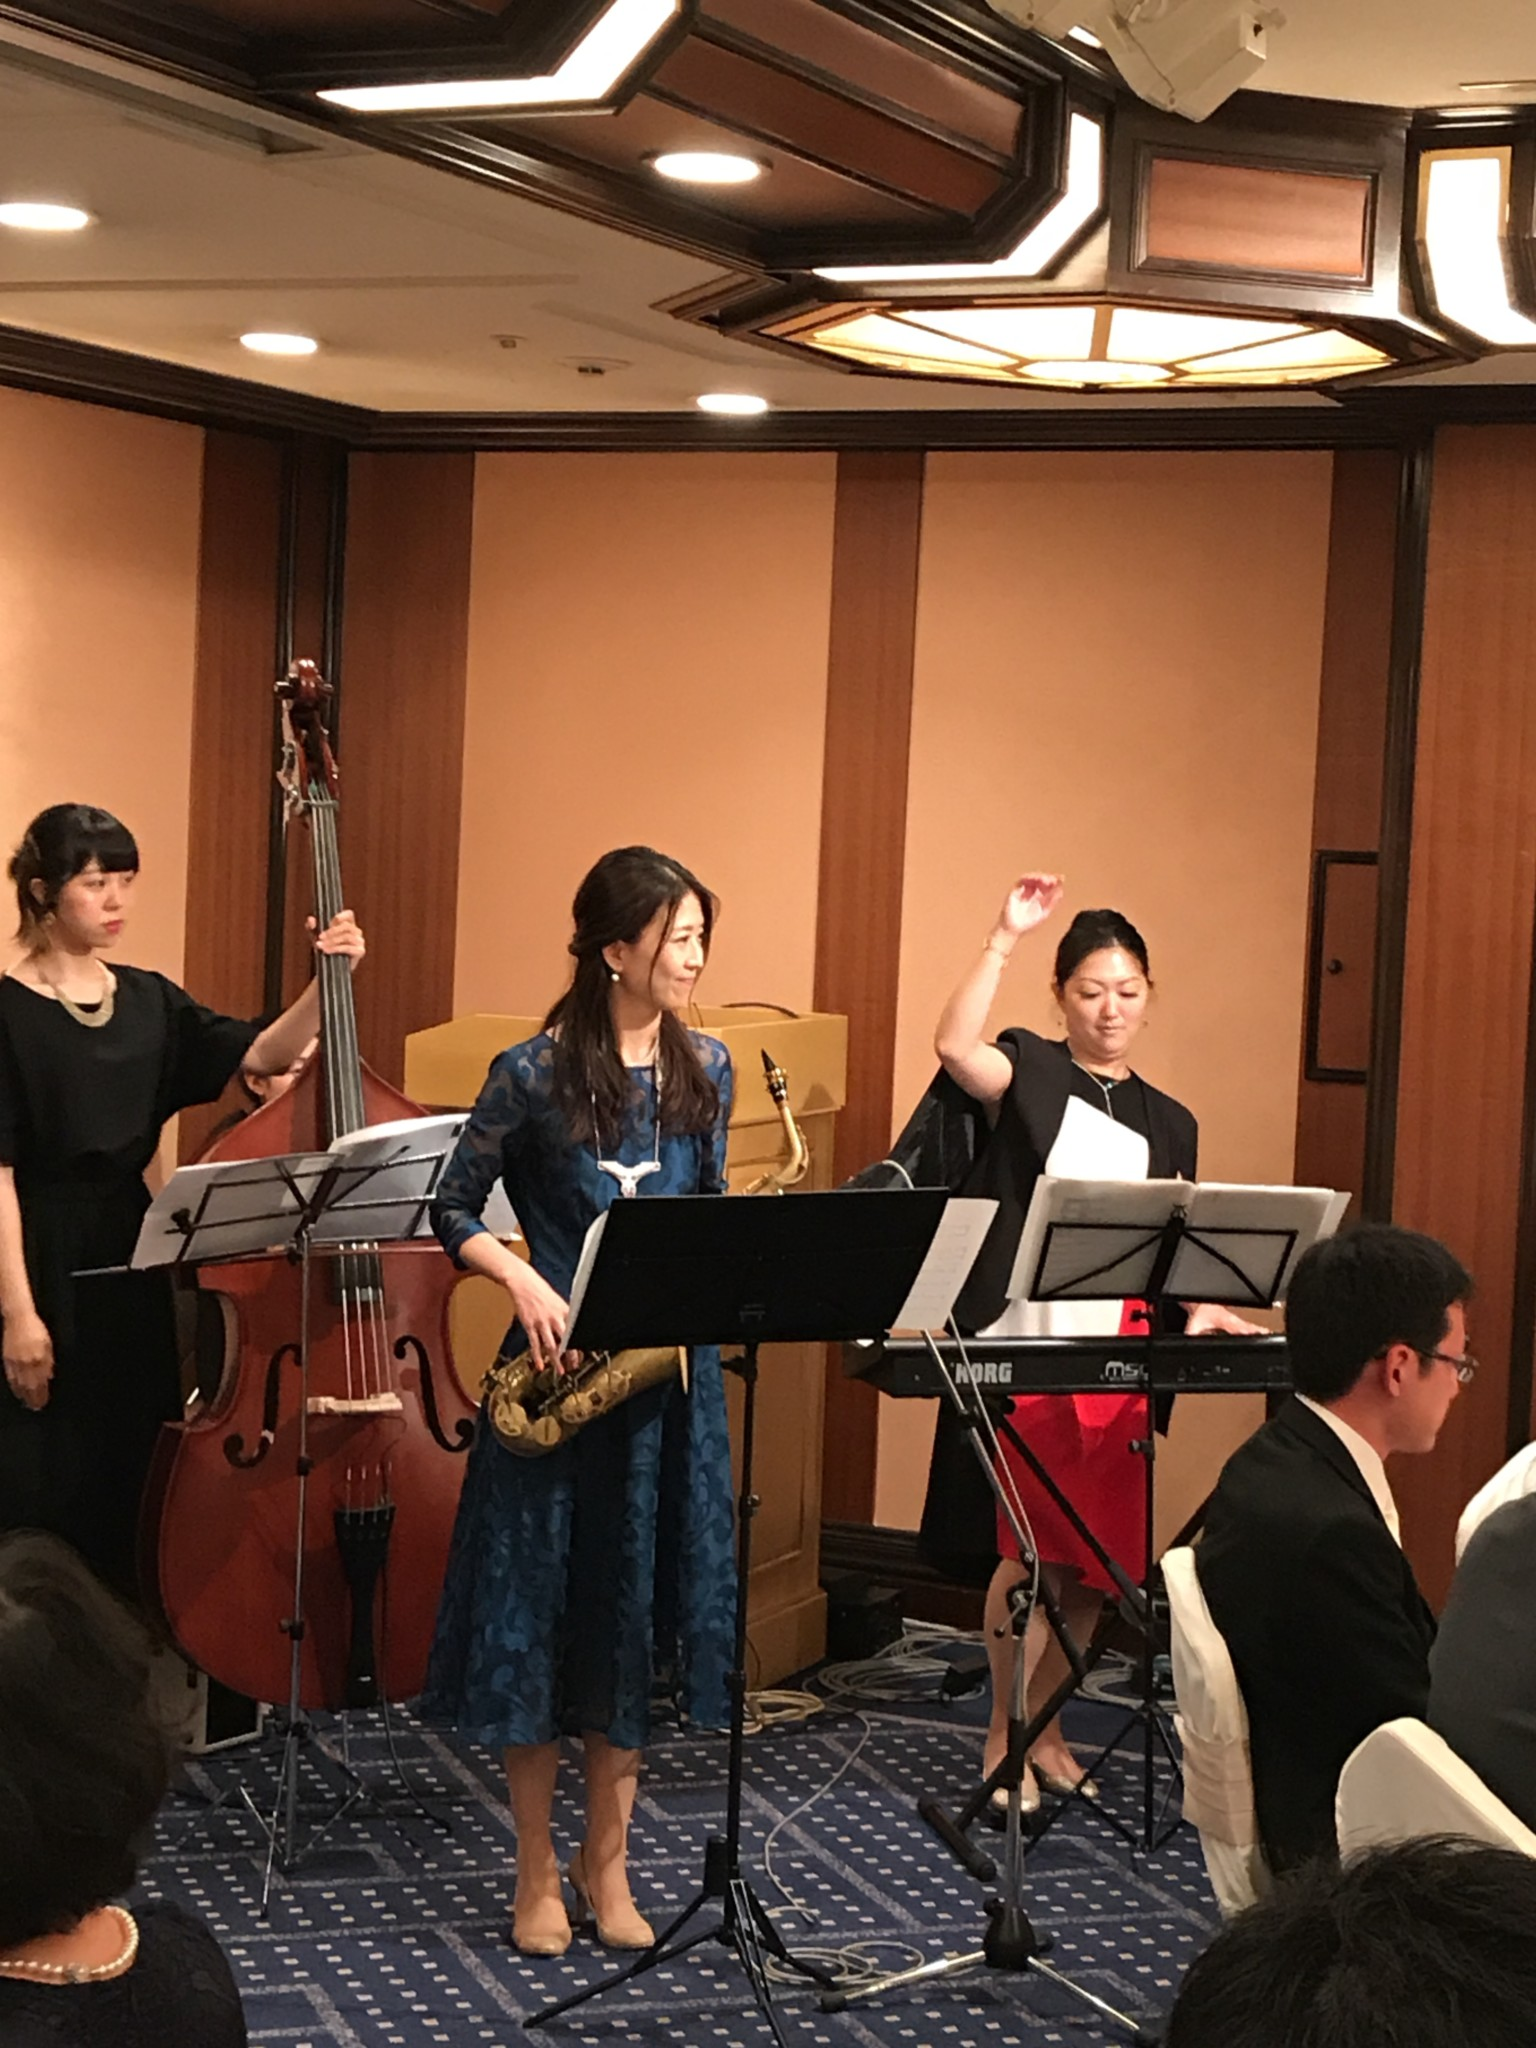 美人演奏家のスイングトリオでジャズ生演奏